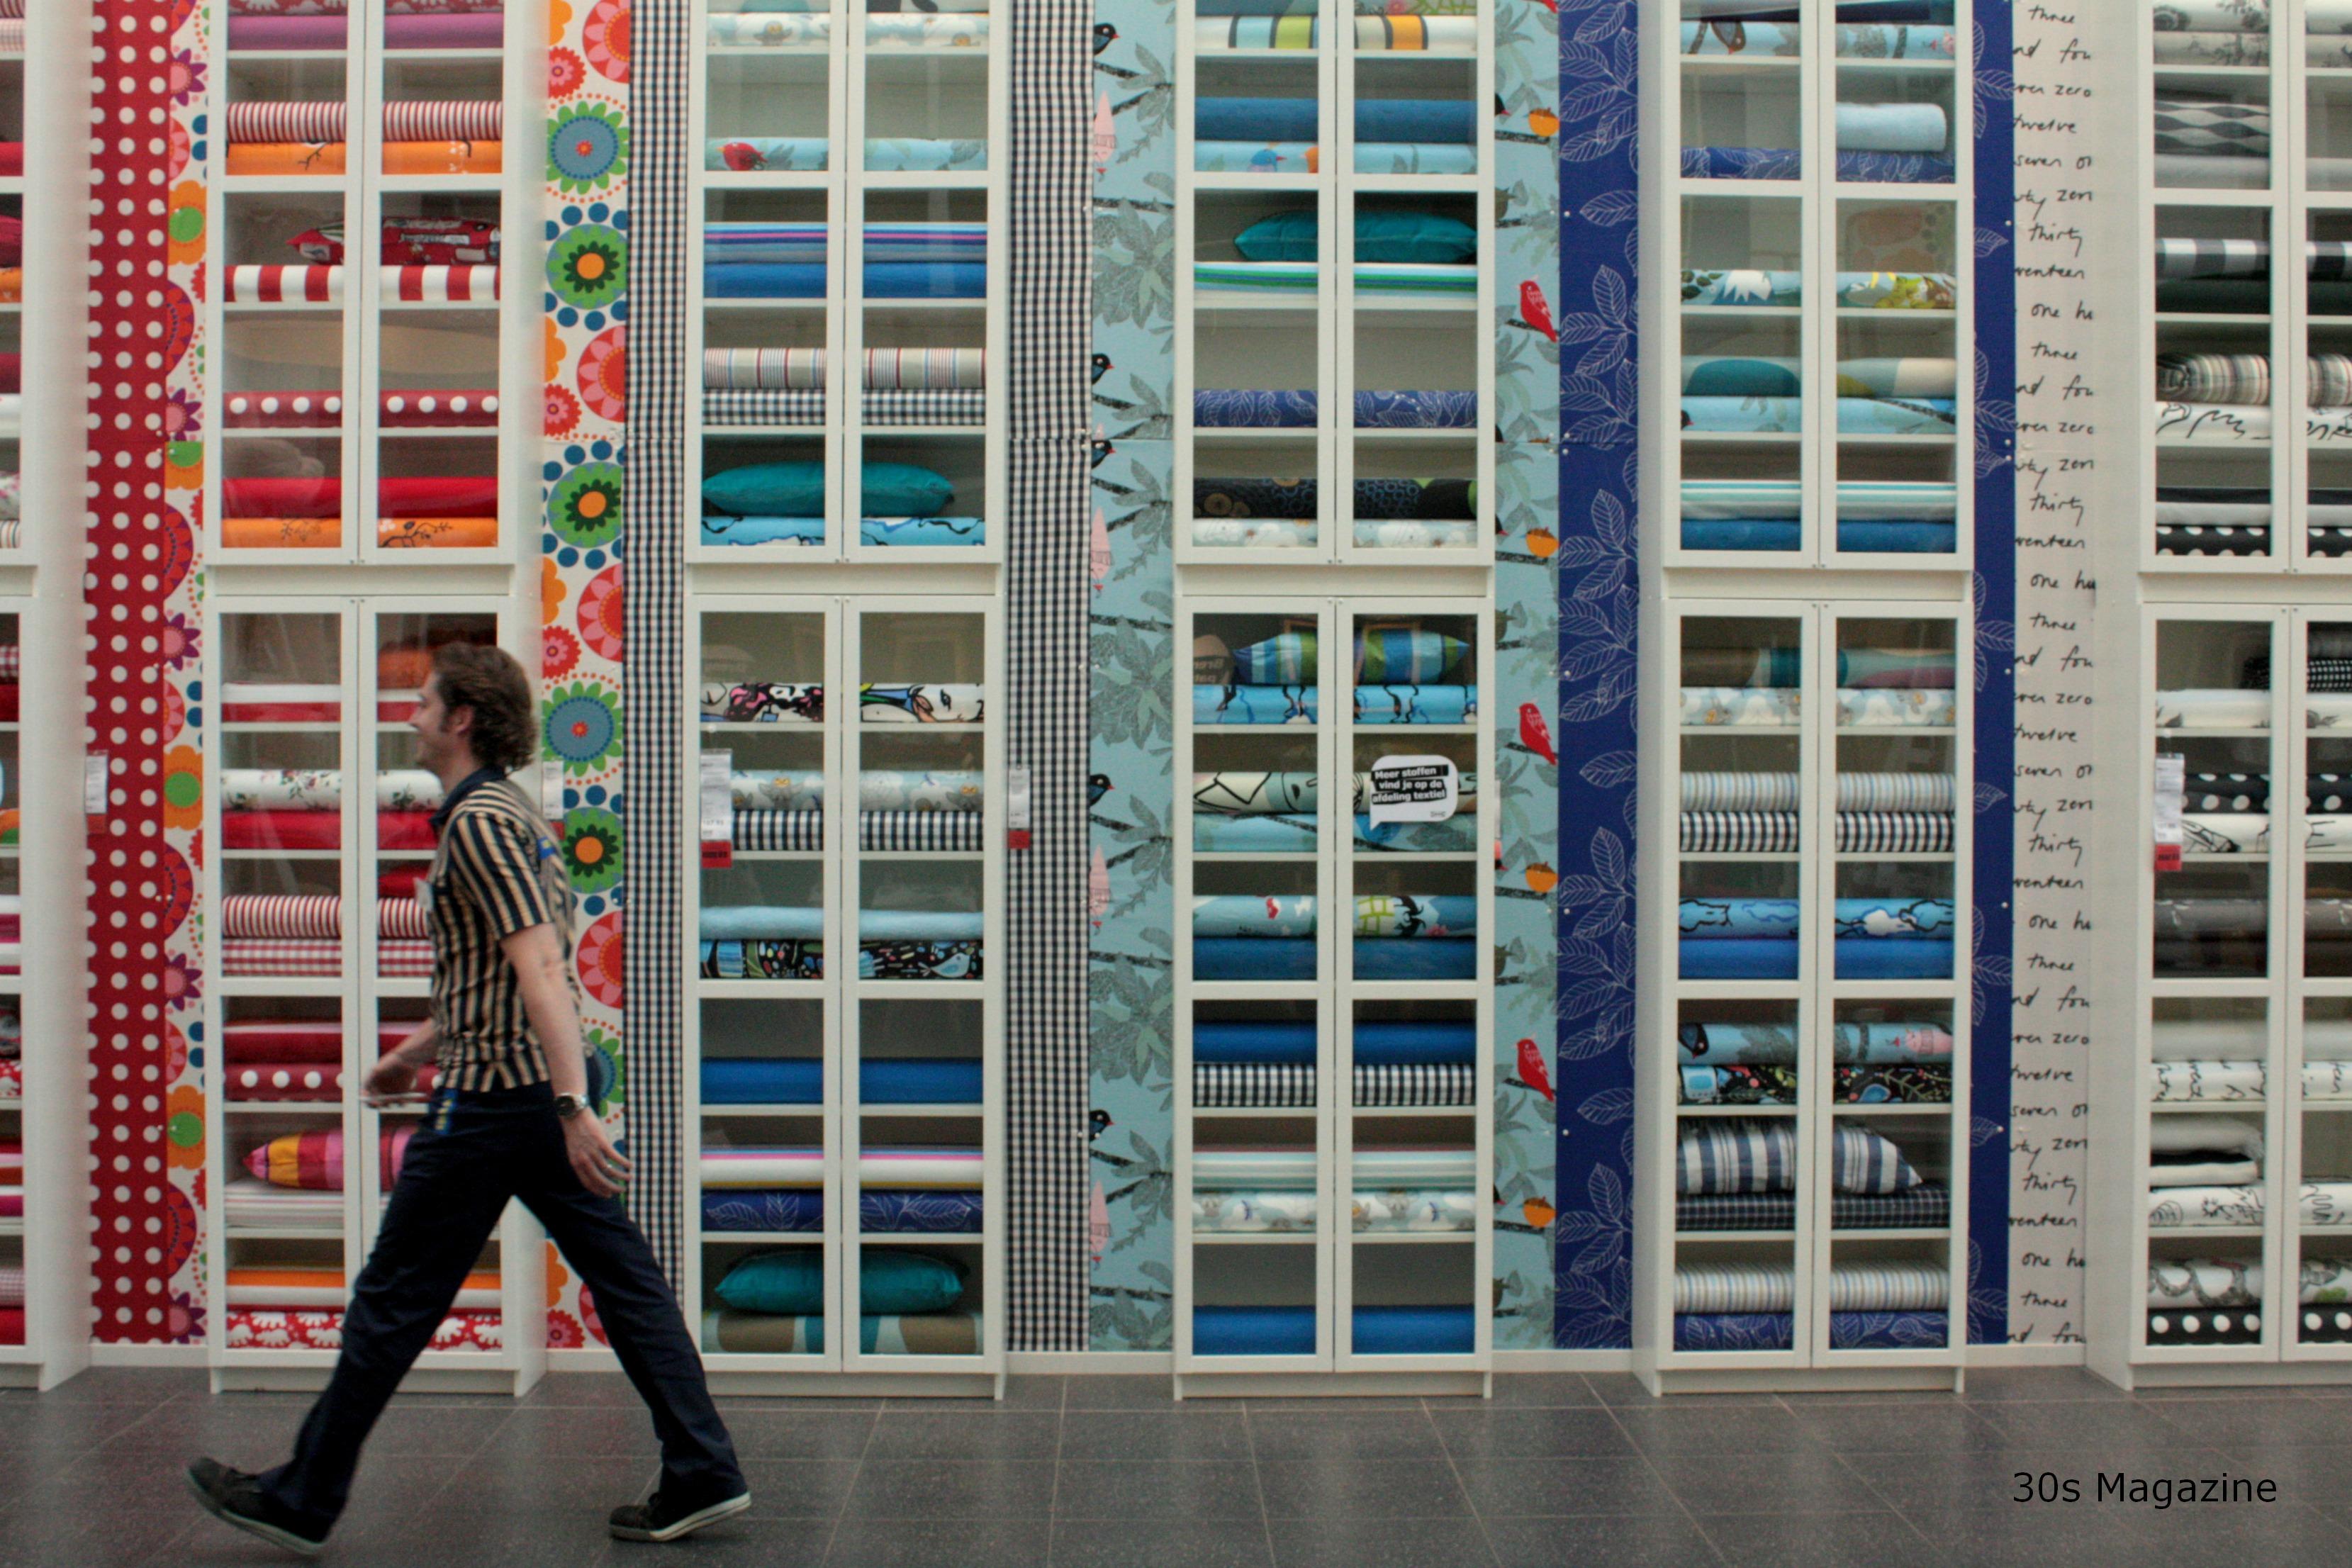 IKEA textiles wall – 30s Magazine